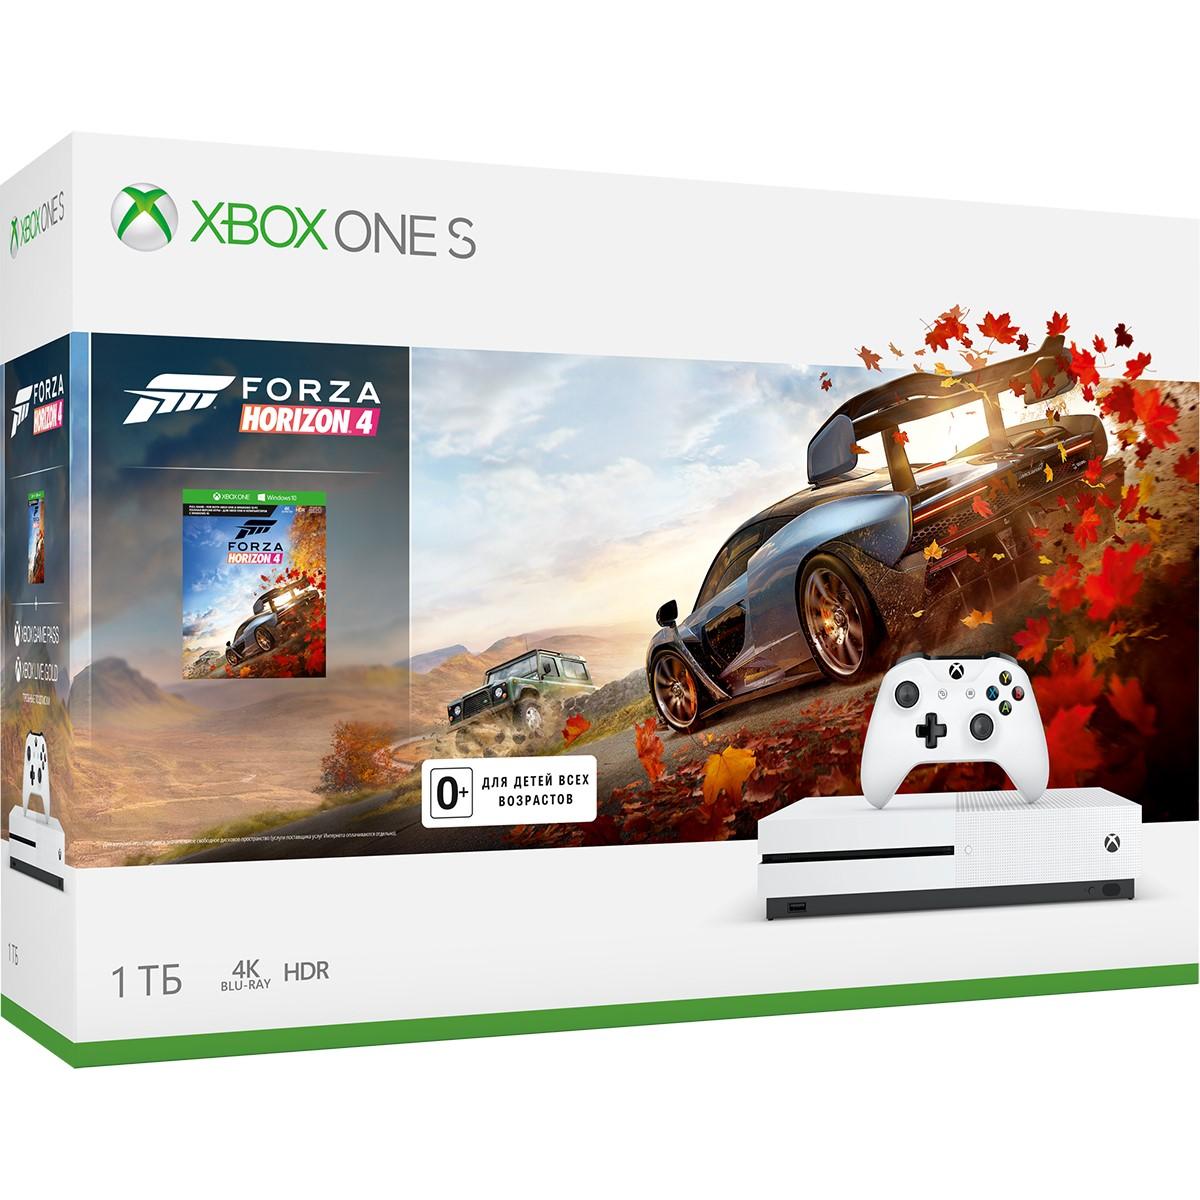 Игровая приставка Microsoft Xbox One S 1Tb+Forza Horizon 4+APEX LEGENDS+ANTHEM+OKKO 1 мес.